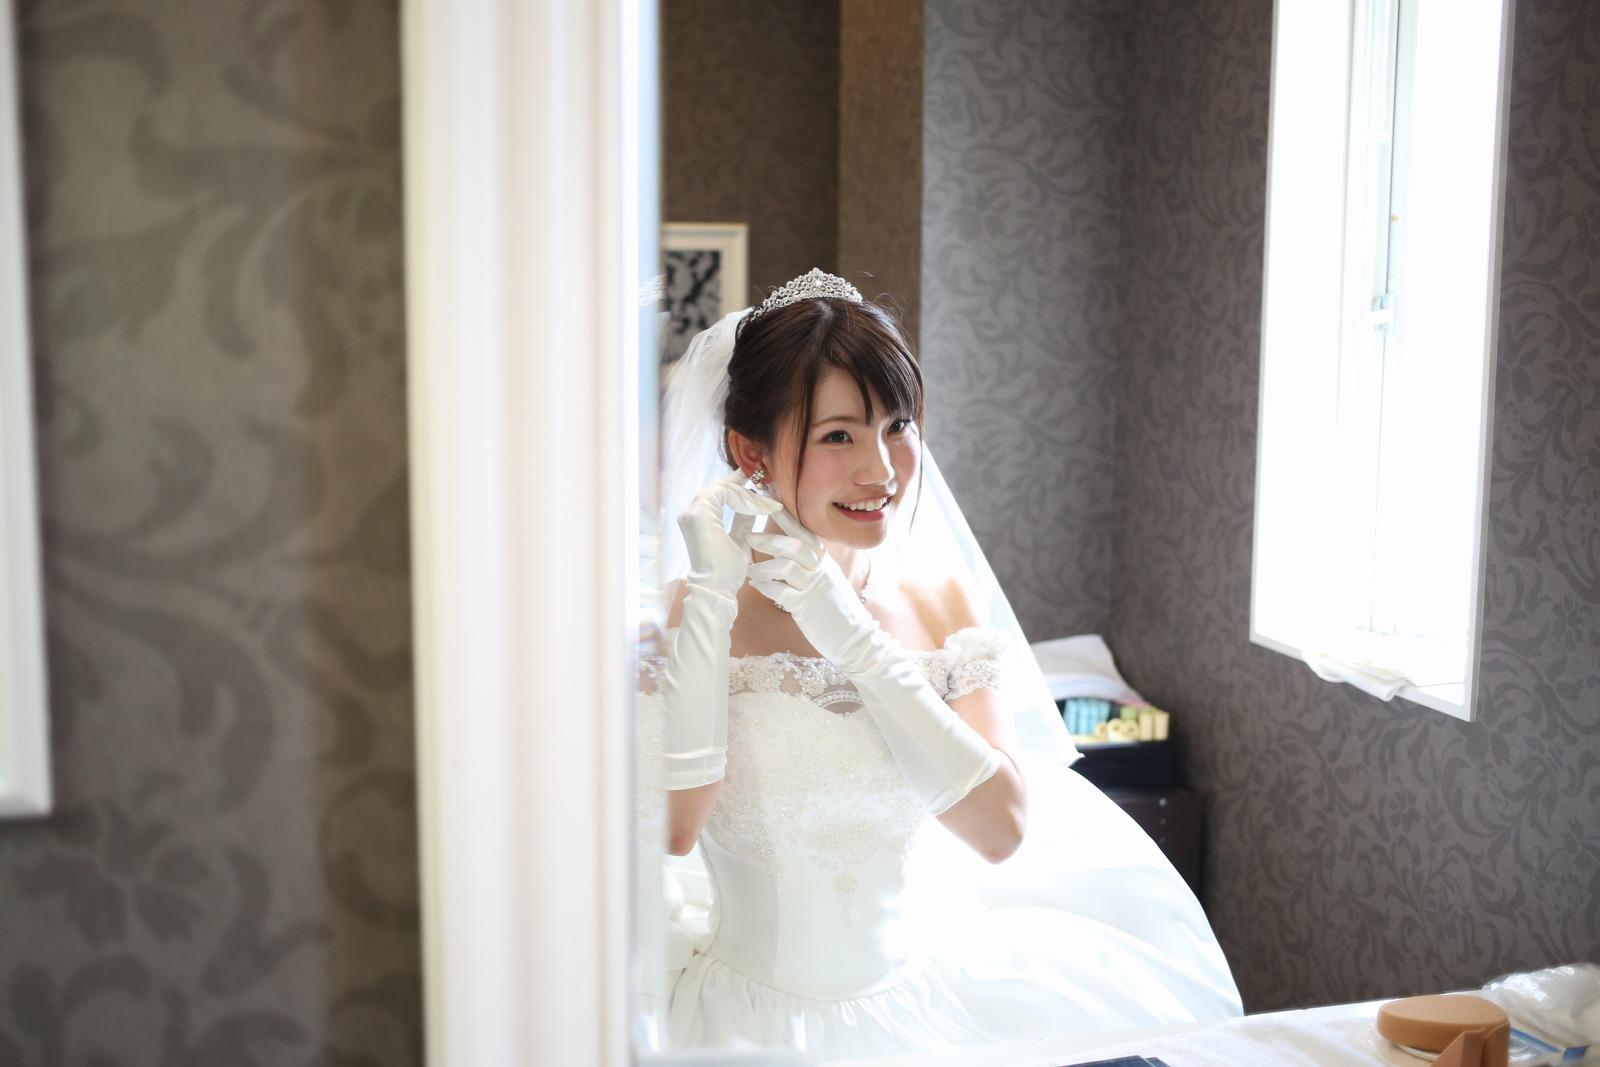 徳島市の結婚式場ブランアンジュで控え室でメイクや支度を整えながら笑顔の新婦